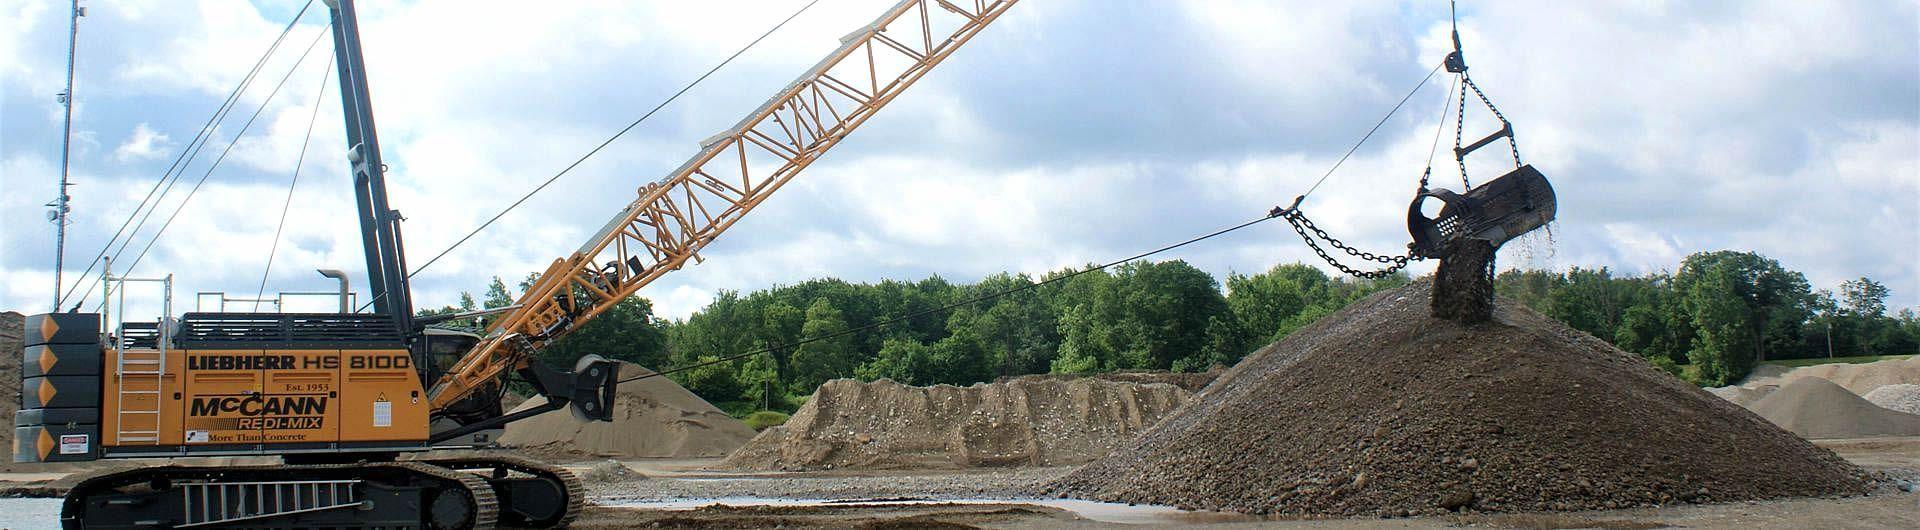 new dragline in gravel pit